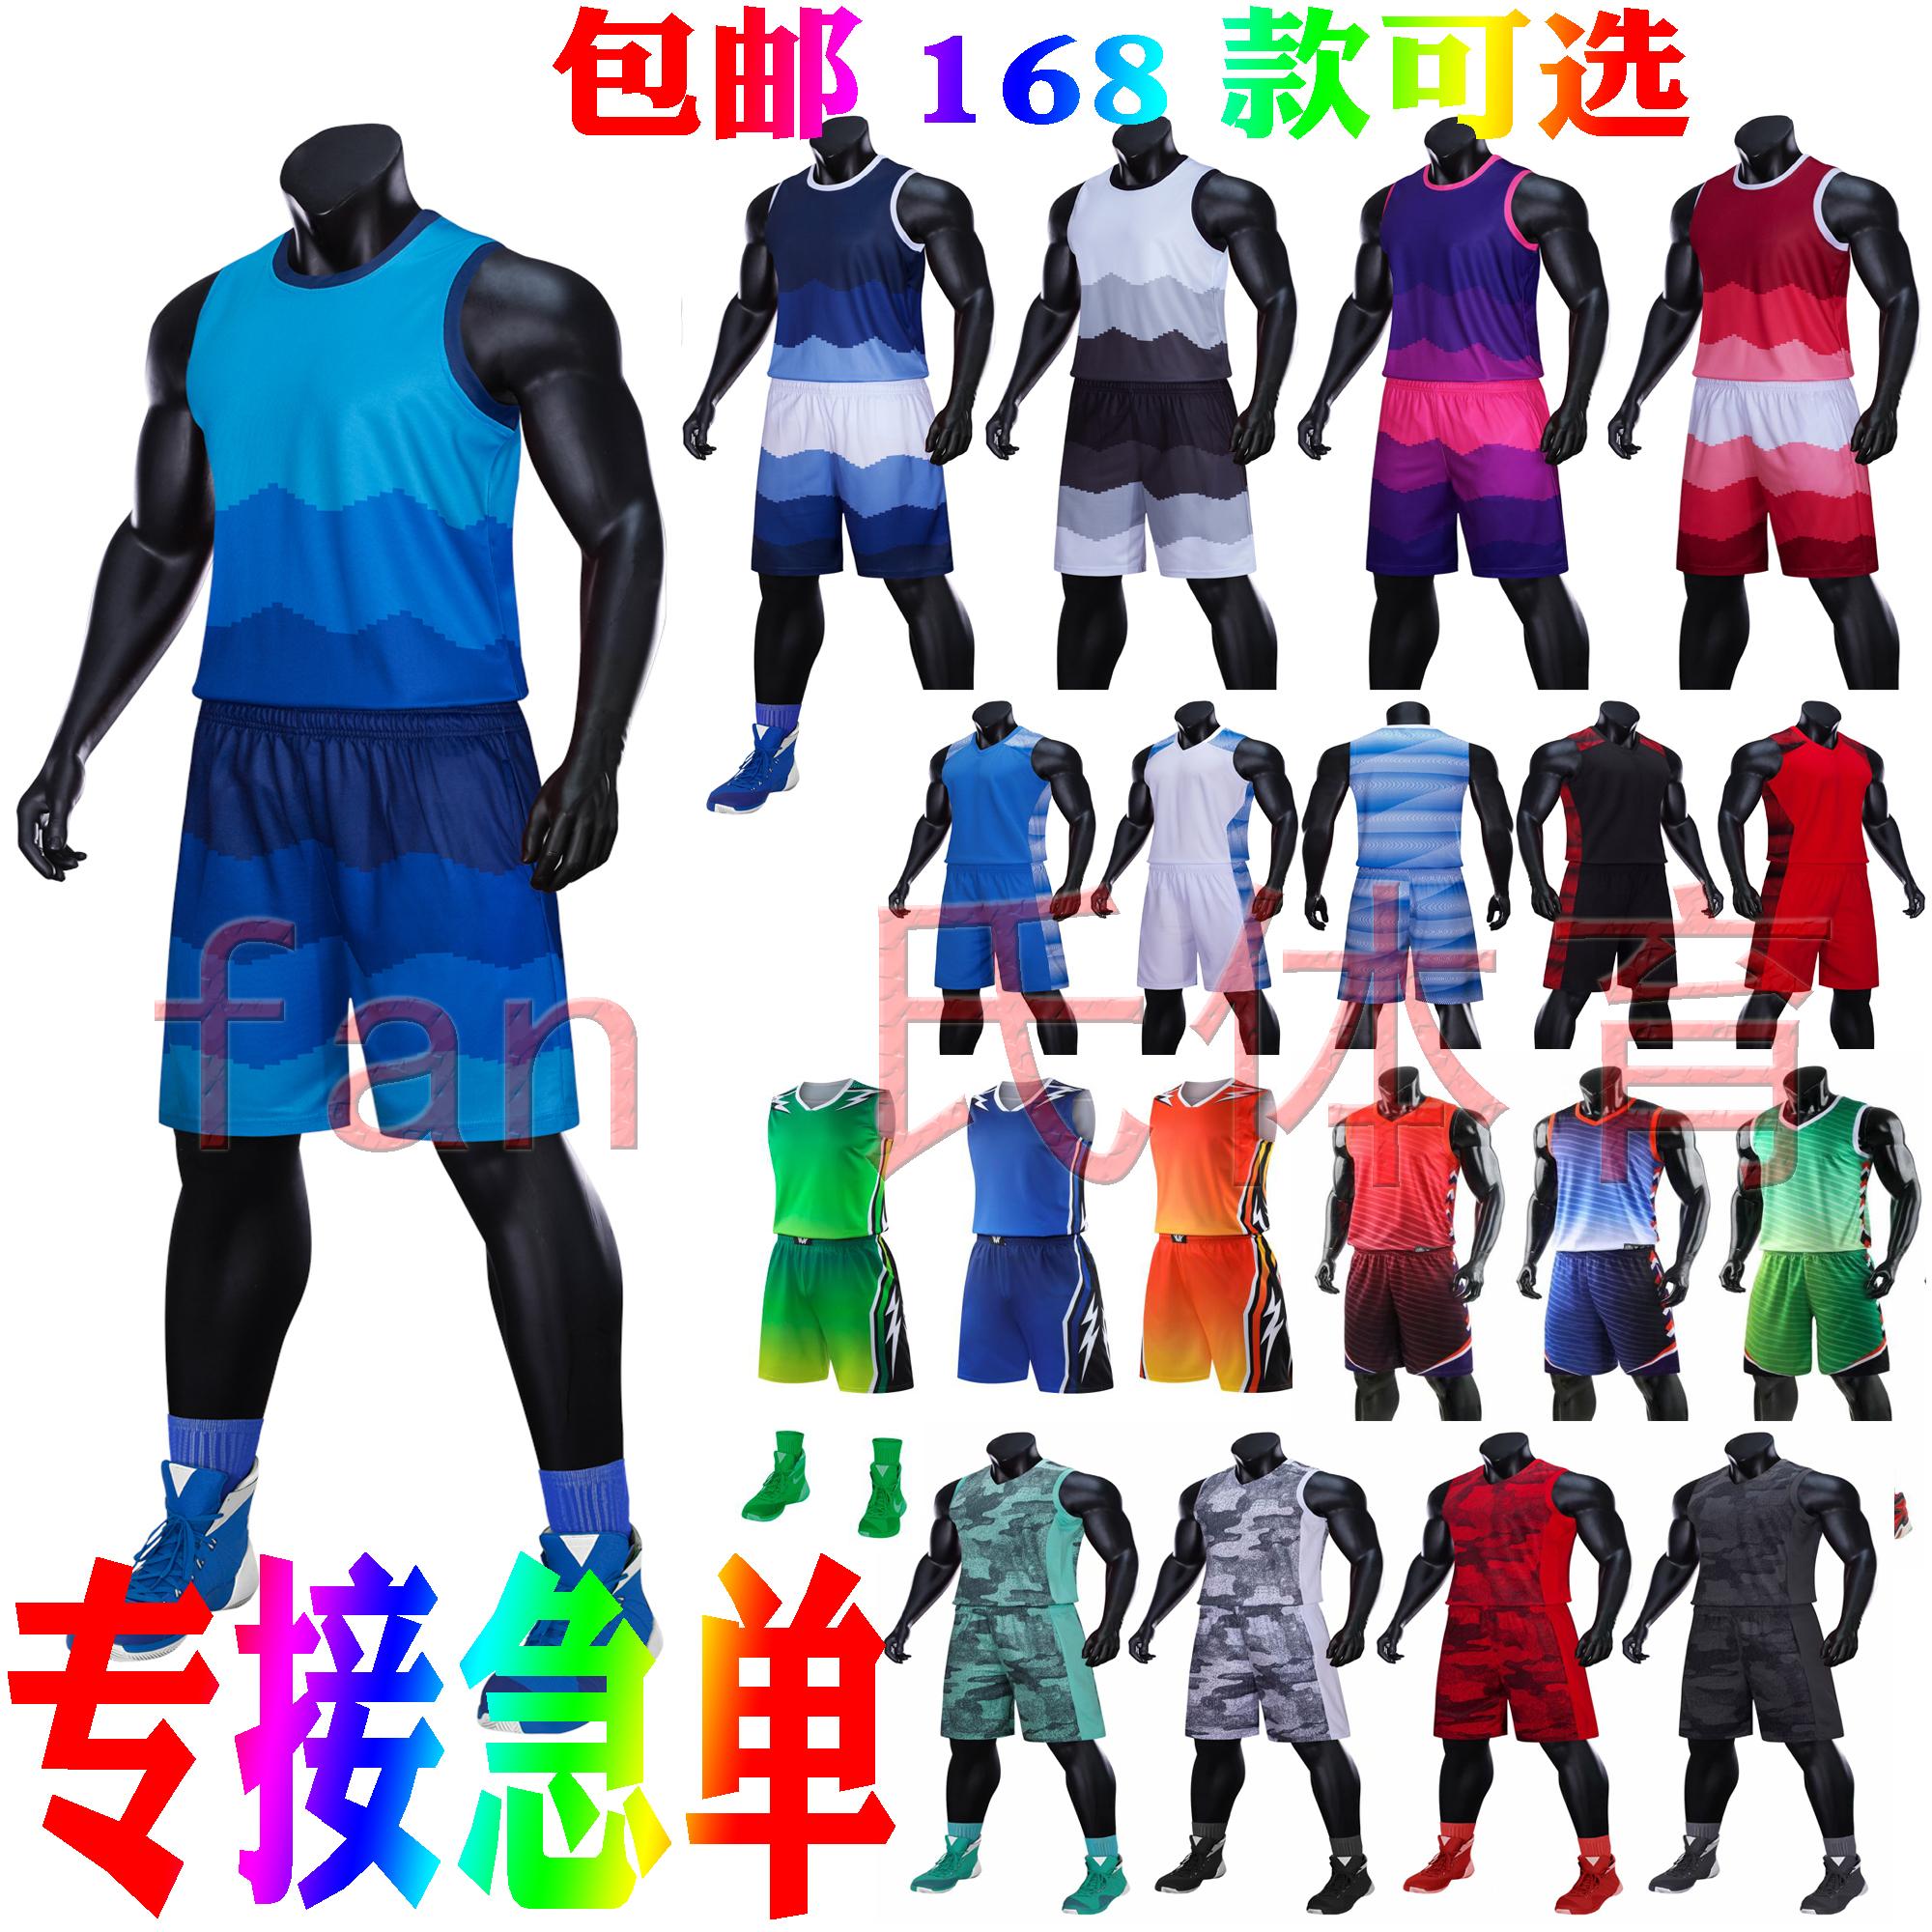 バスケットボールの服のセット男子大学生の試合のサッカーウェアの男女の空気を通す訓練のベストは番号のチーム名を印刷します。